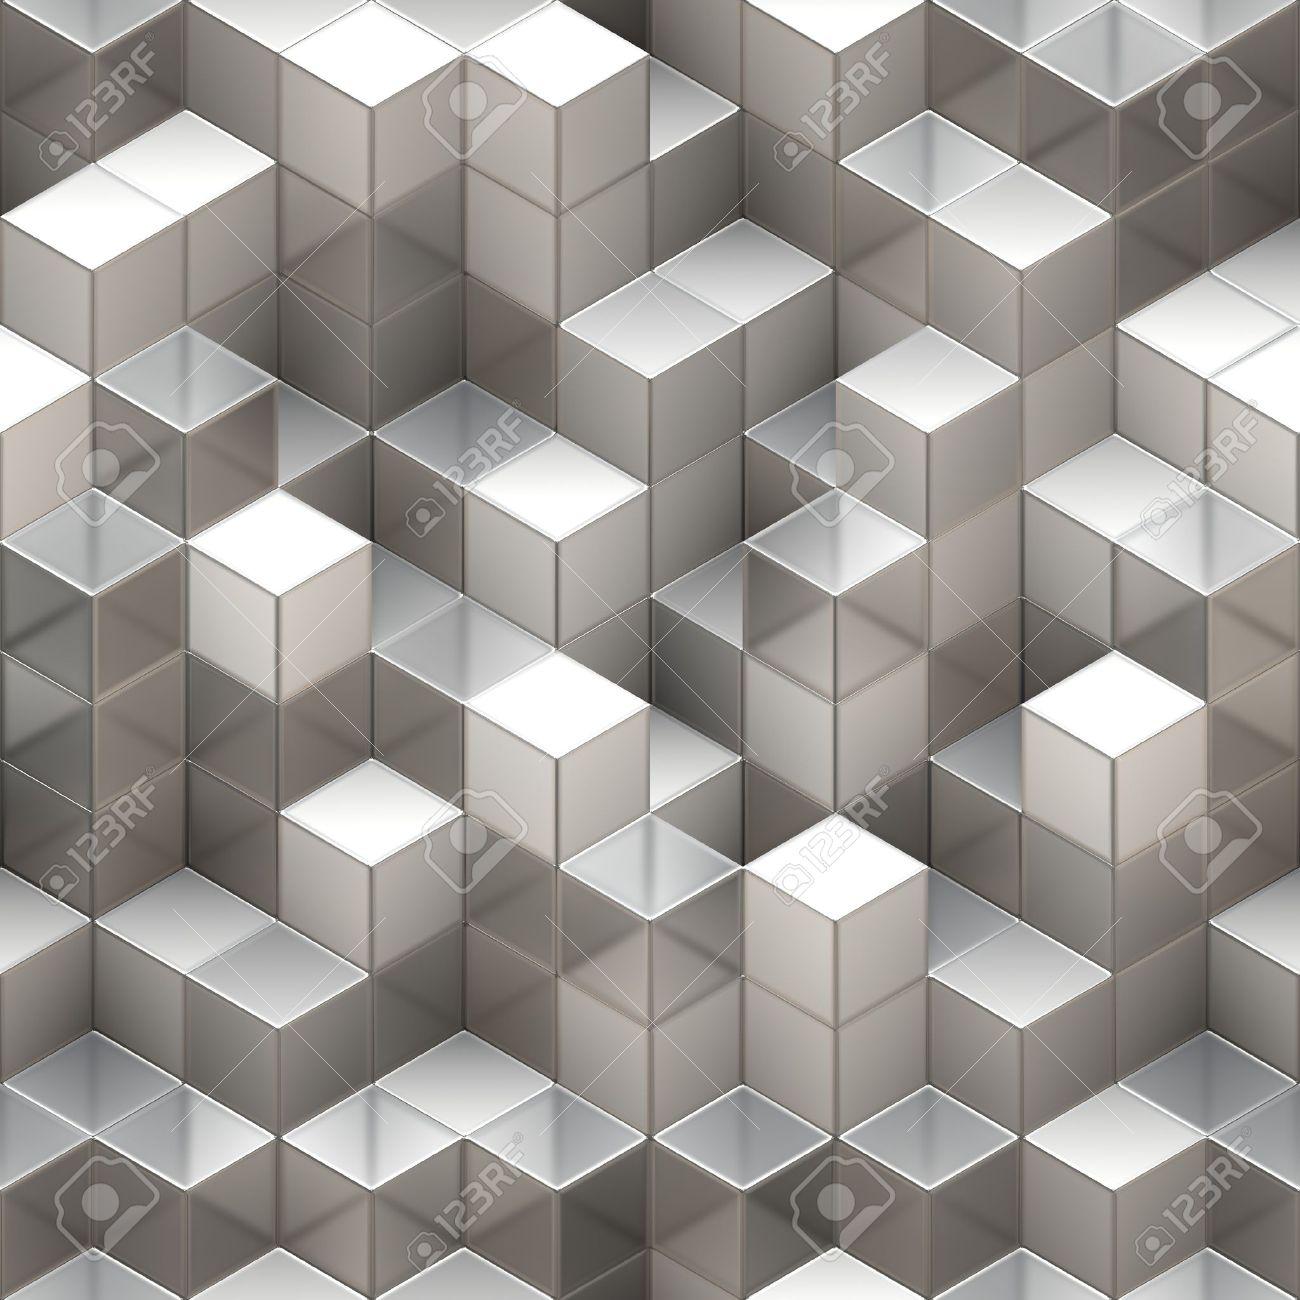 Images of Transparent Cubes   1300x1300